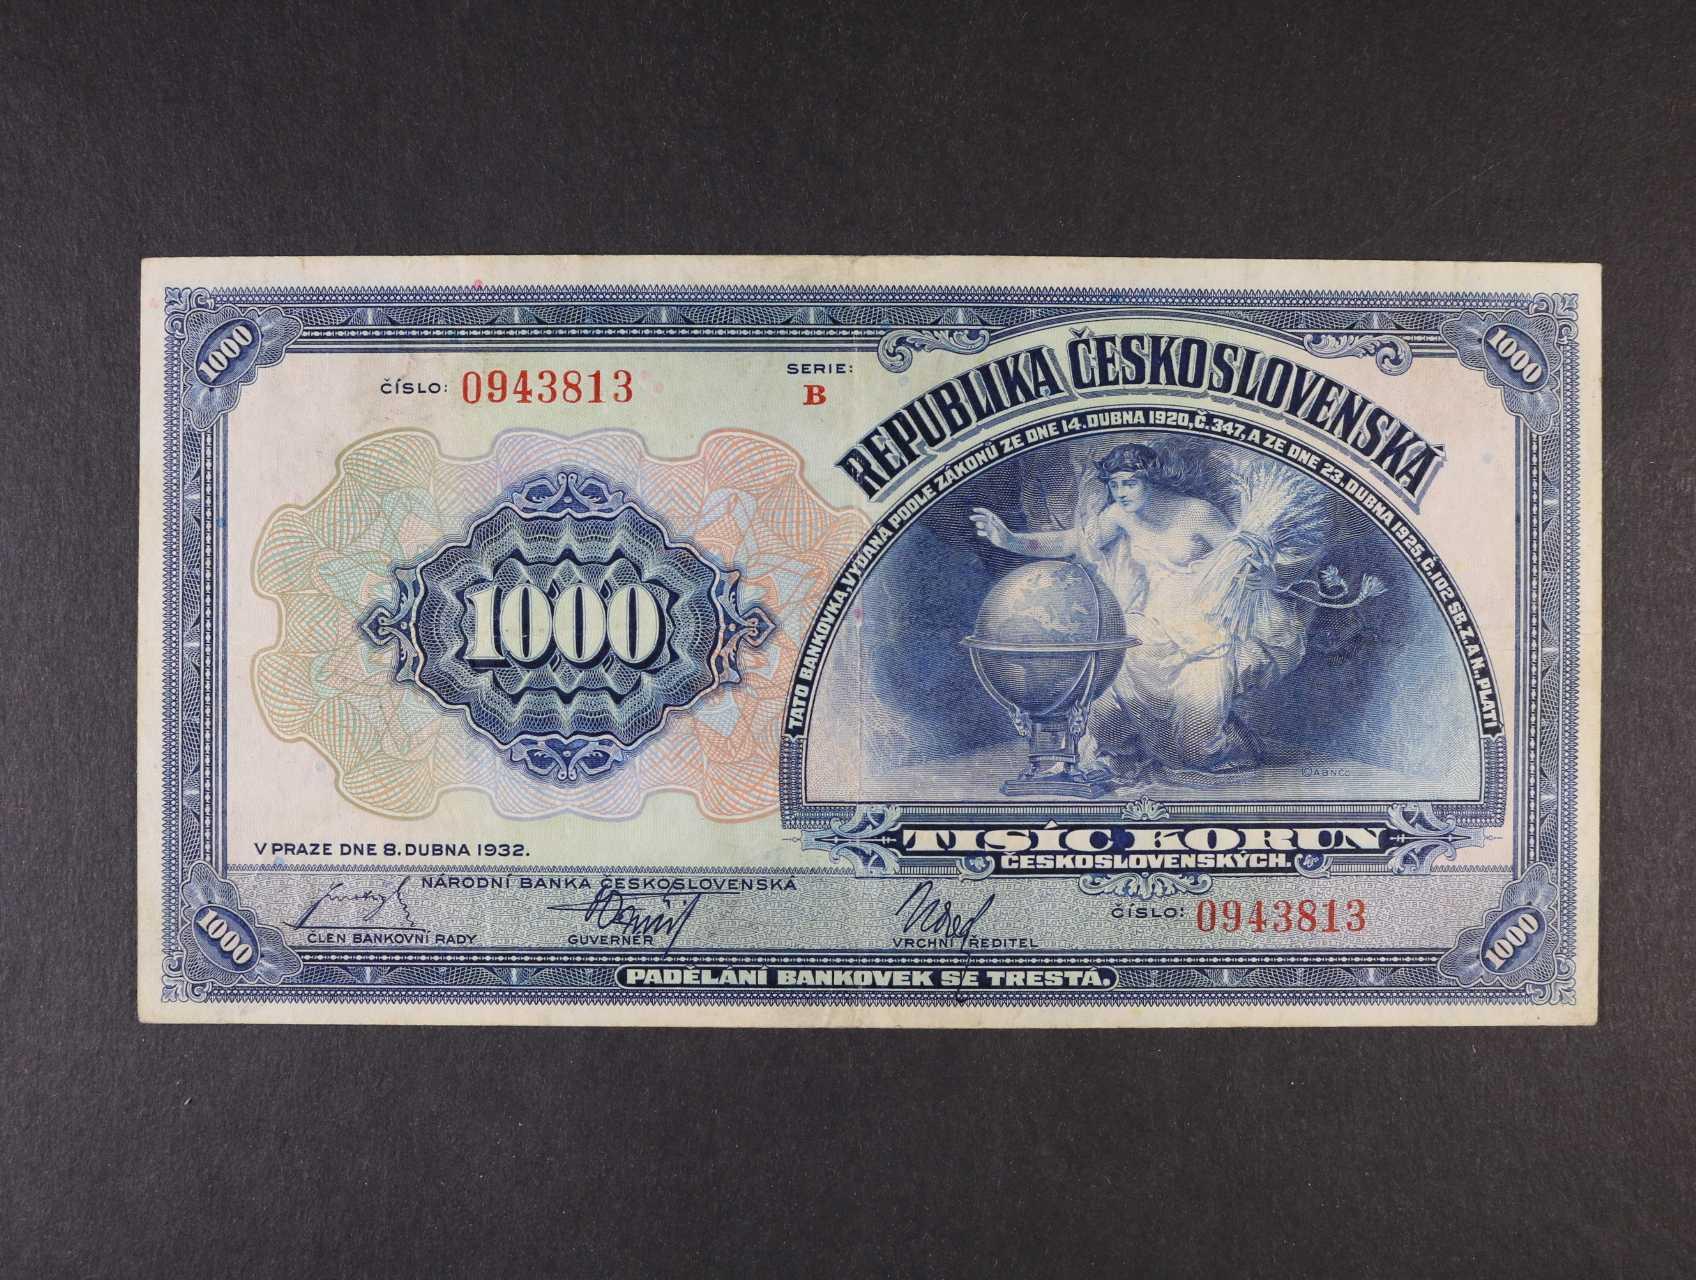 1000 Kč 8.4.1932 série B, Ba. 26, Pi. 25a